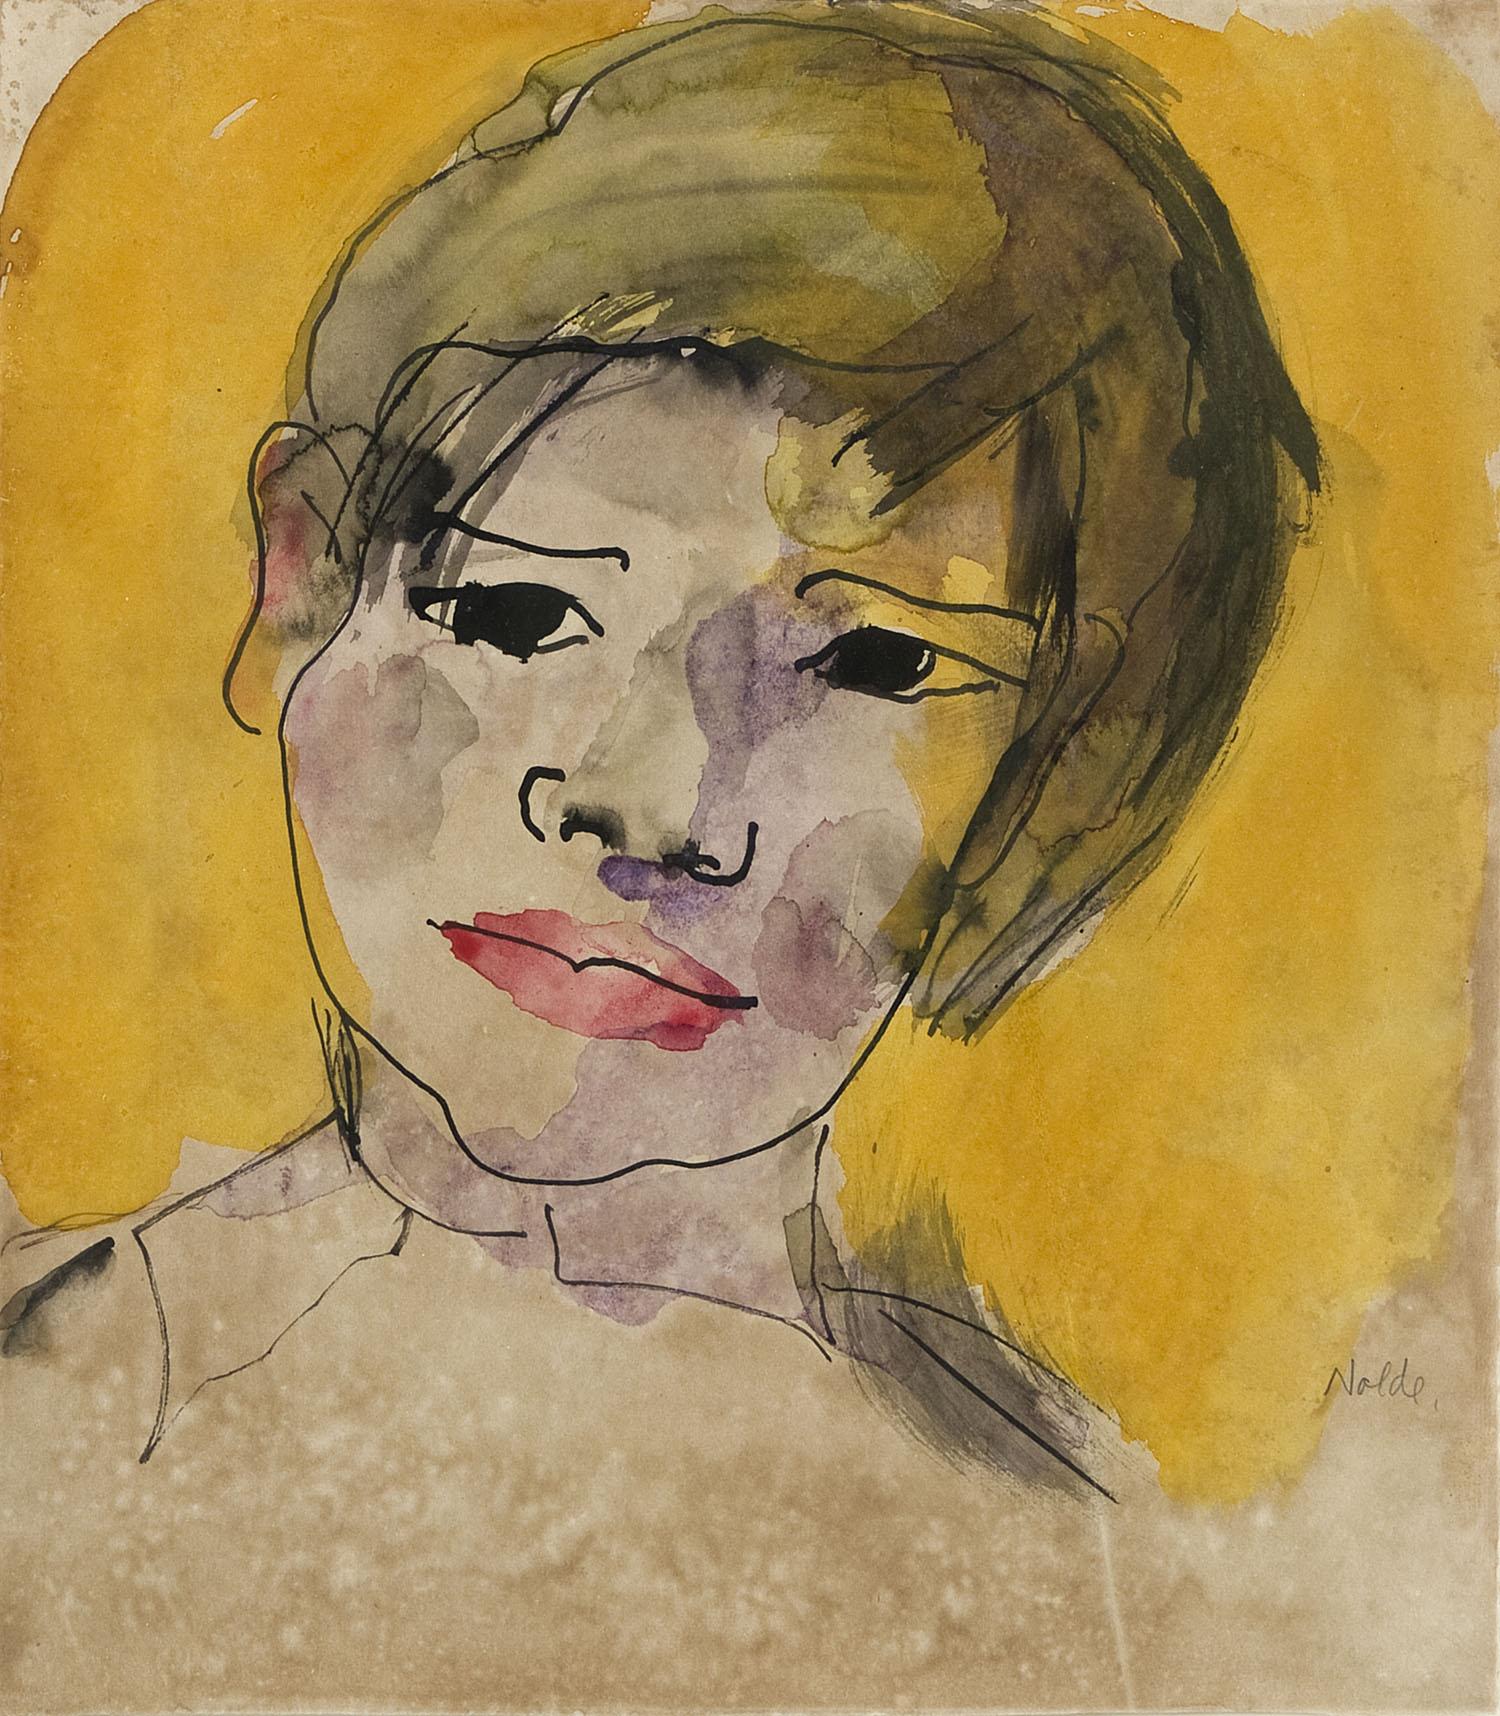 Kopf | vor 1920 |Aquarell und Tinte auf Papier | 29 x 34 cm